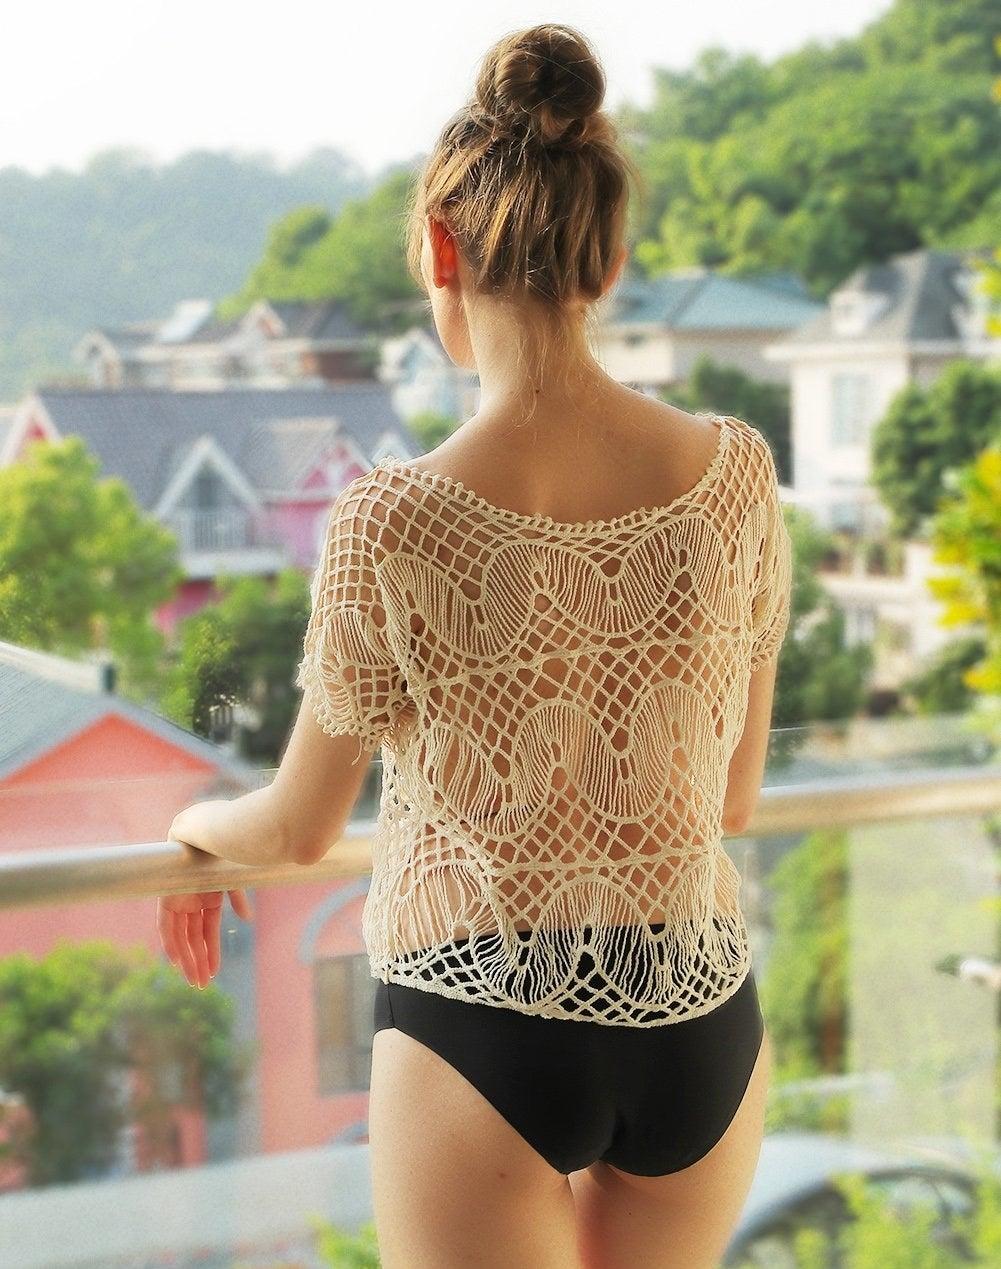 Model wears the seamless underwear